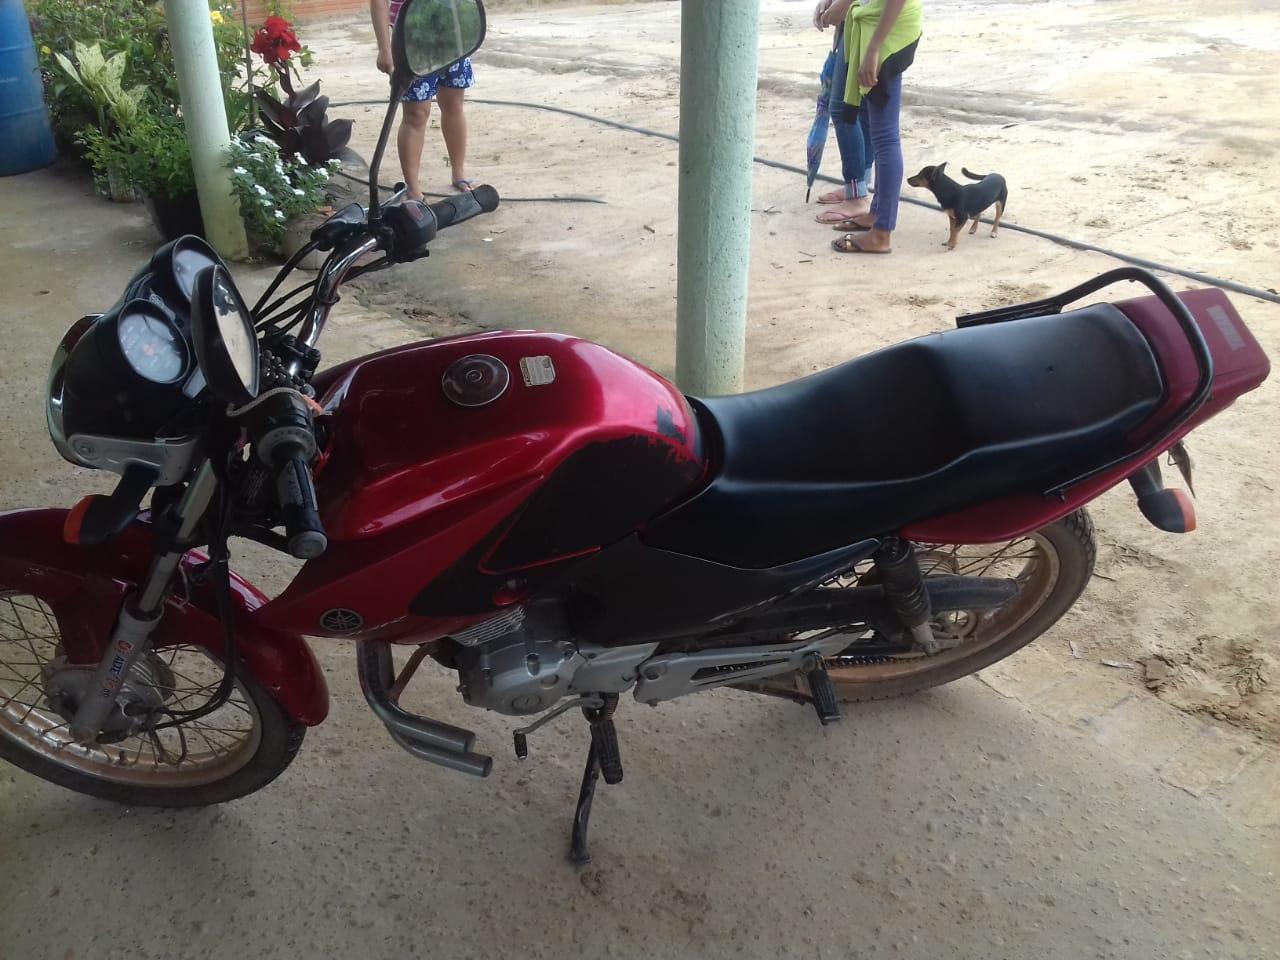 Rio Pardo de Minas - Motocicleta Factor YBR 125 Yamaha, ANO: 2010/2010,  COR: Vermelha, PL...